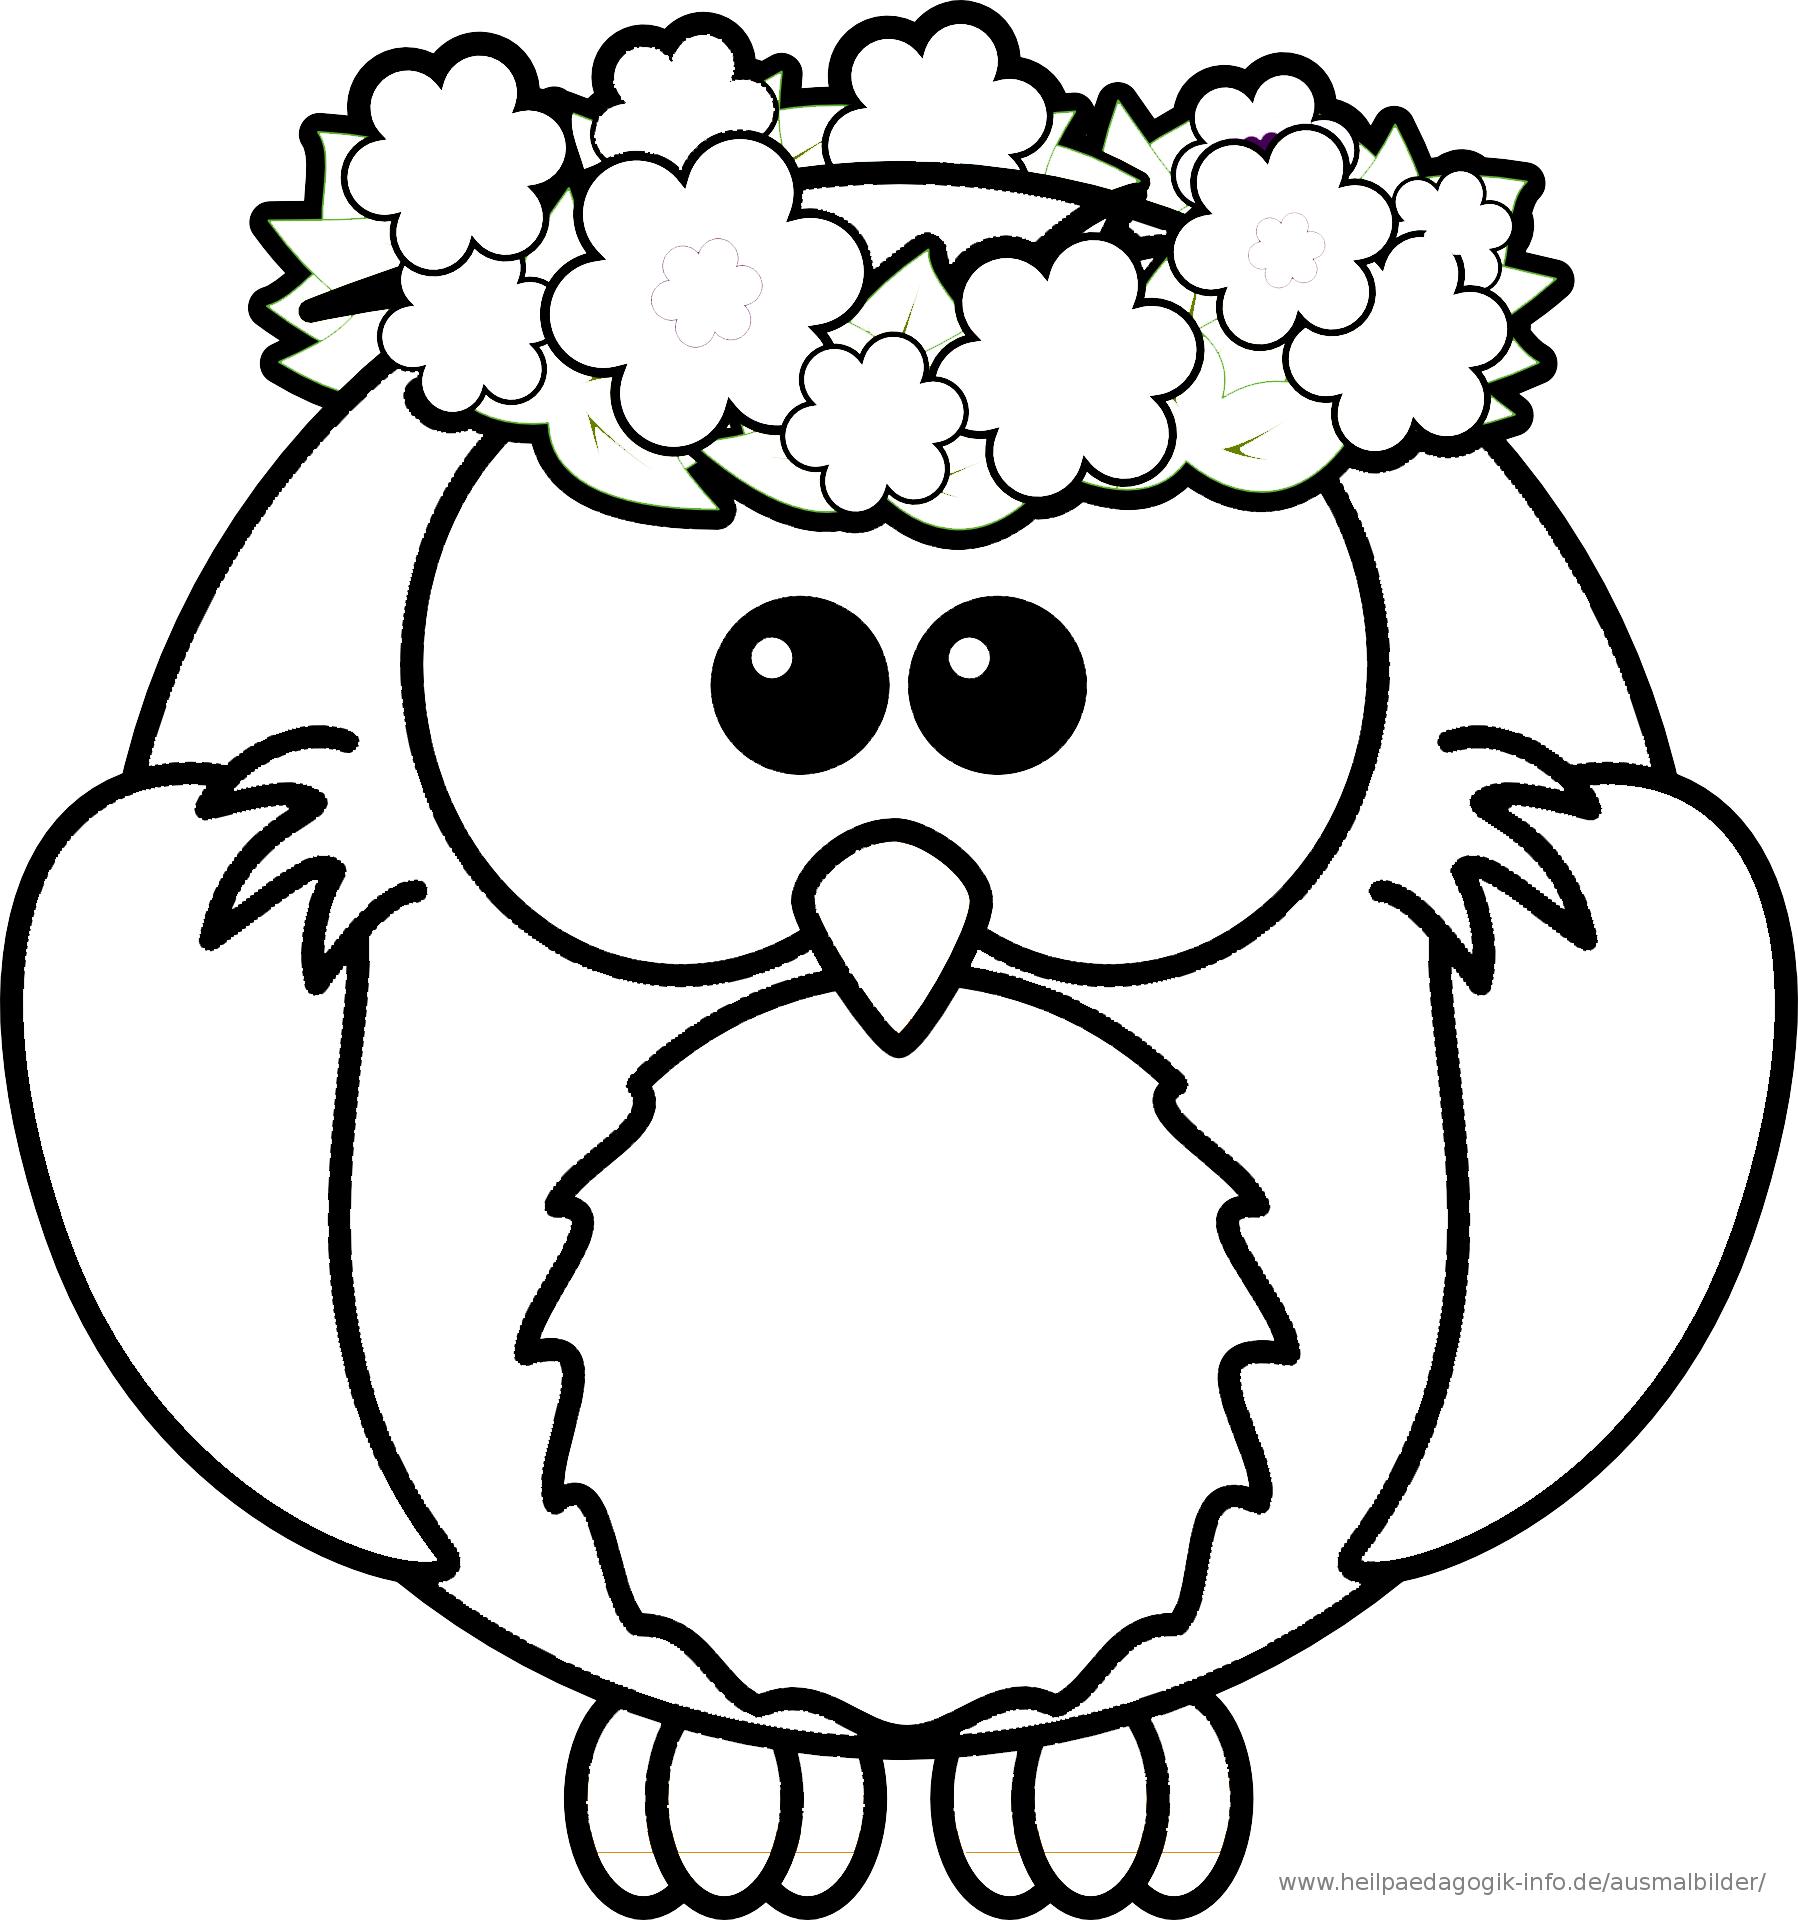 Ausmalbilder bilder Malvorlage eule Ausmalbilder Vogel